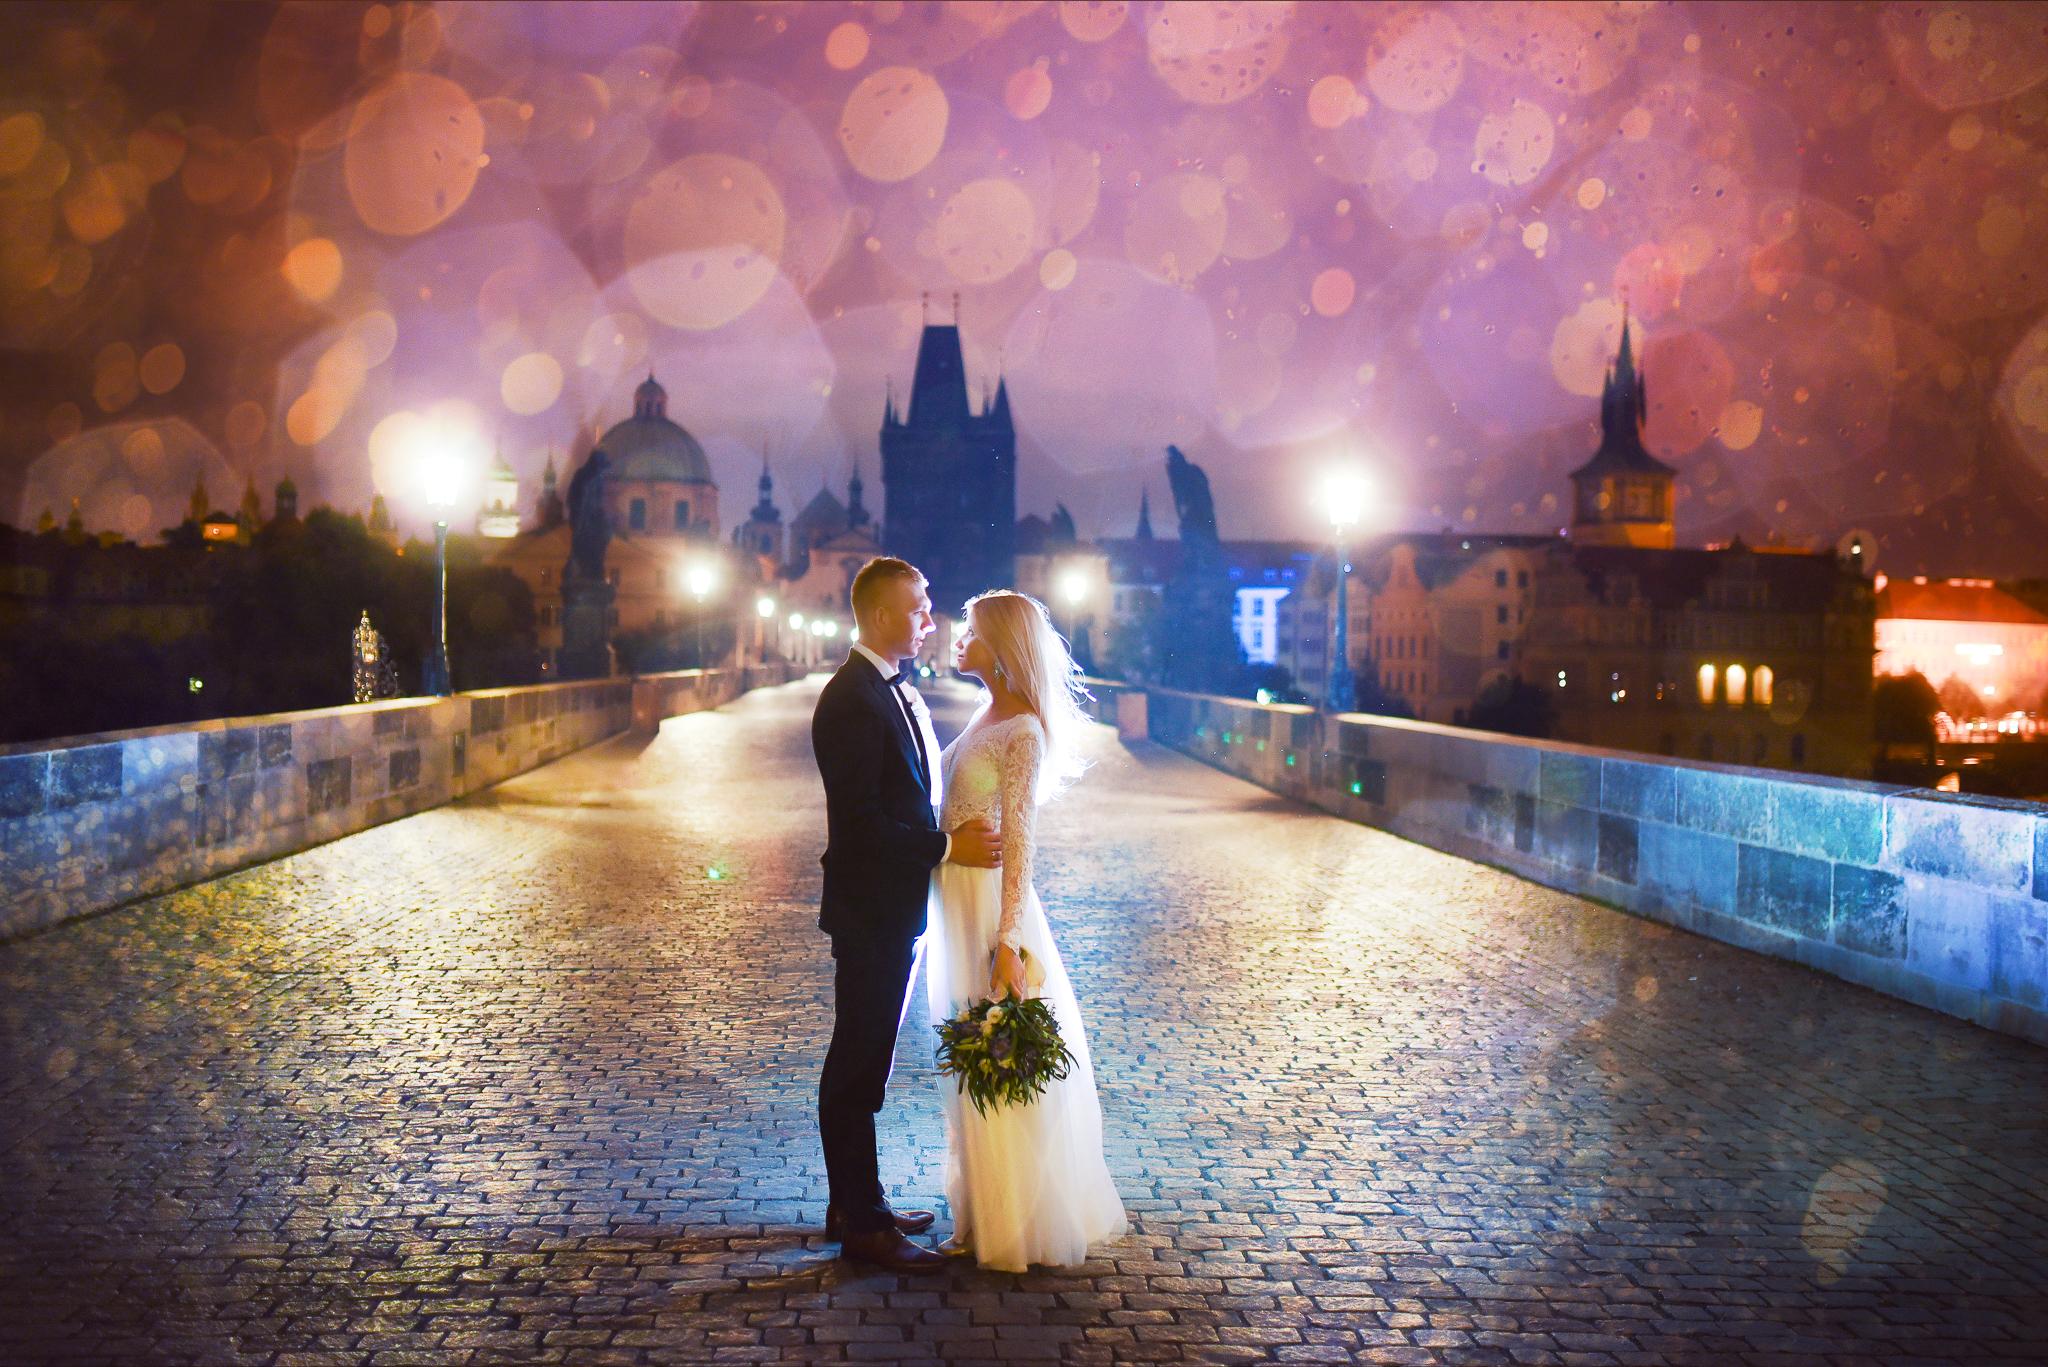 0027_Sara&Sebastian________sesja_poslubna_czechy_praga_most_karola_hradczany_fotografia_slubna_www_amfoto_pl_AMF_1669.jpg